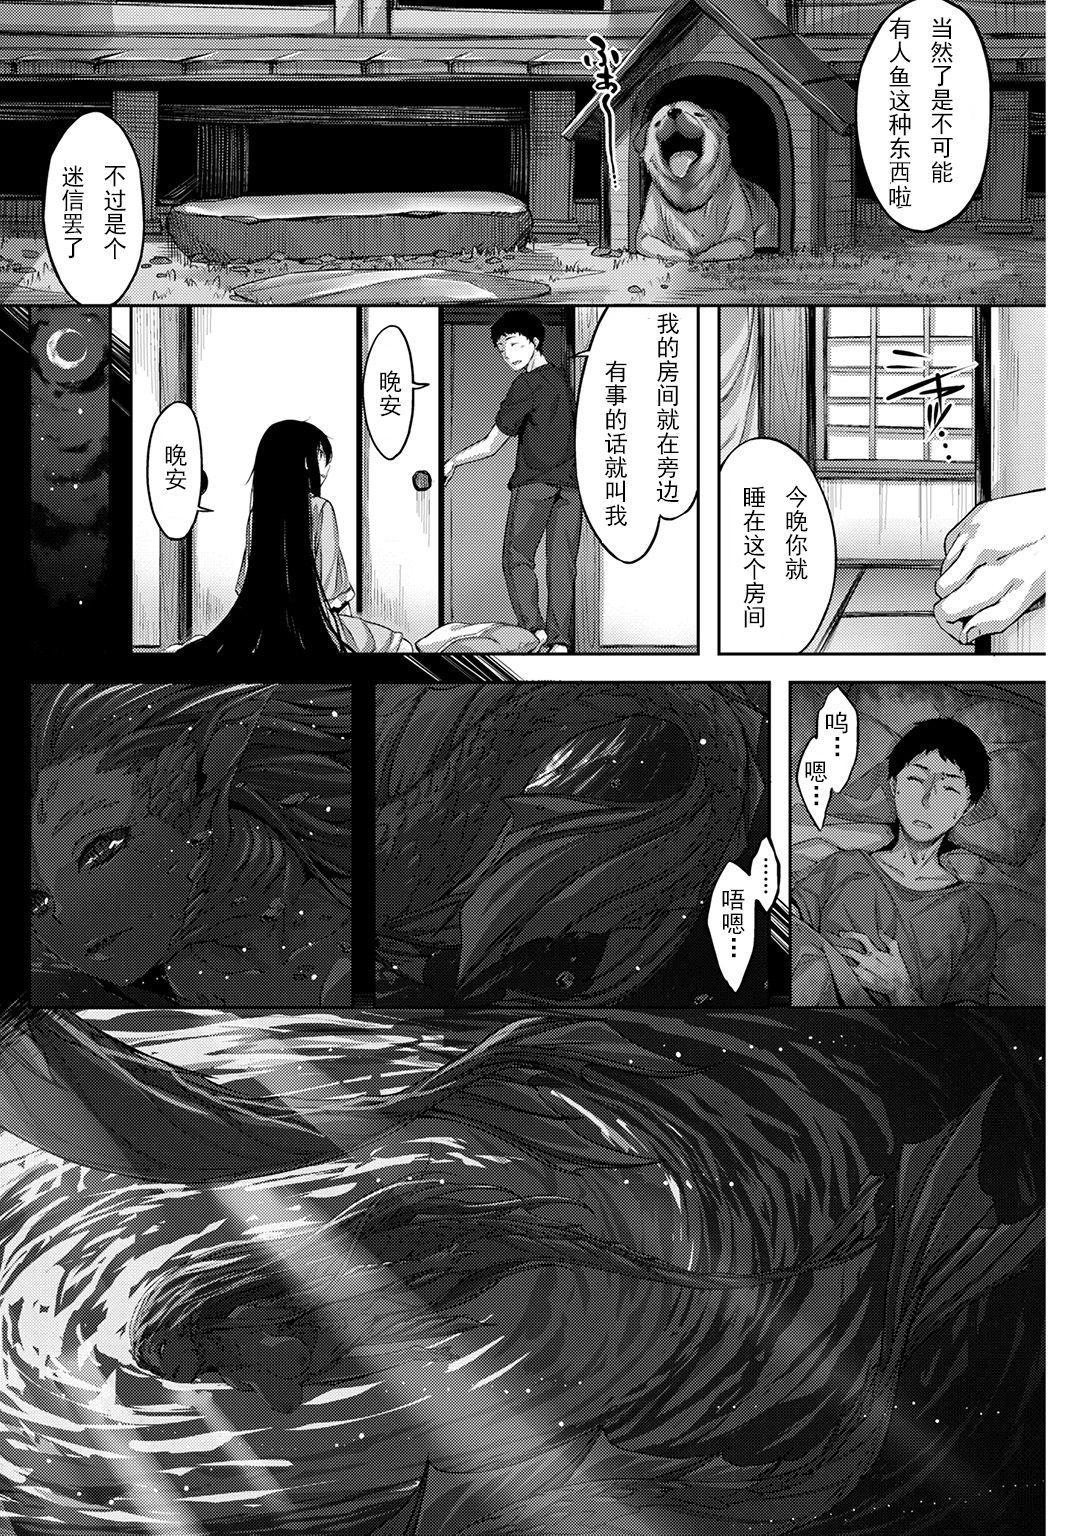 Kuramitsuha no Kami 4